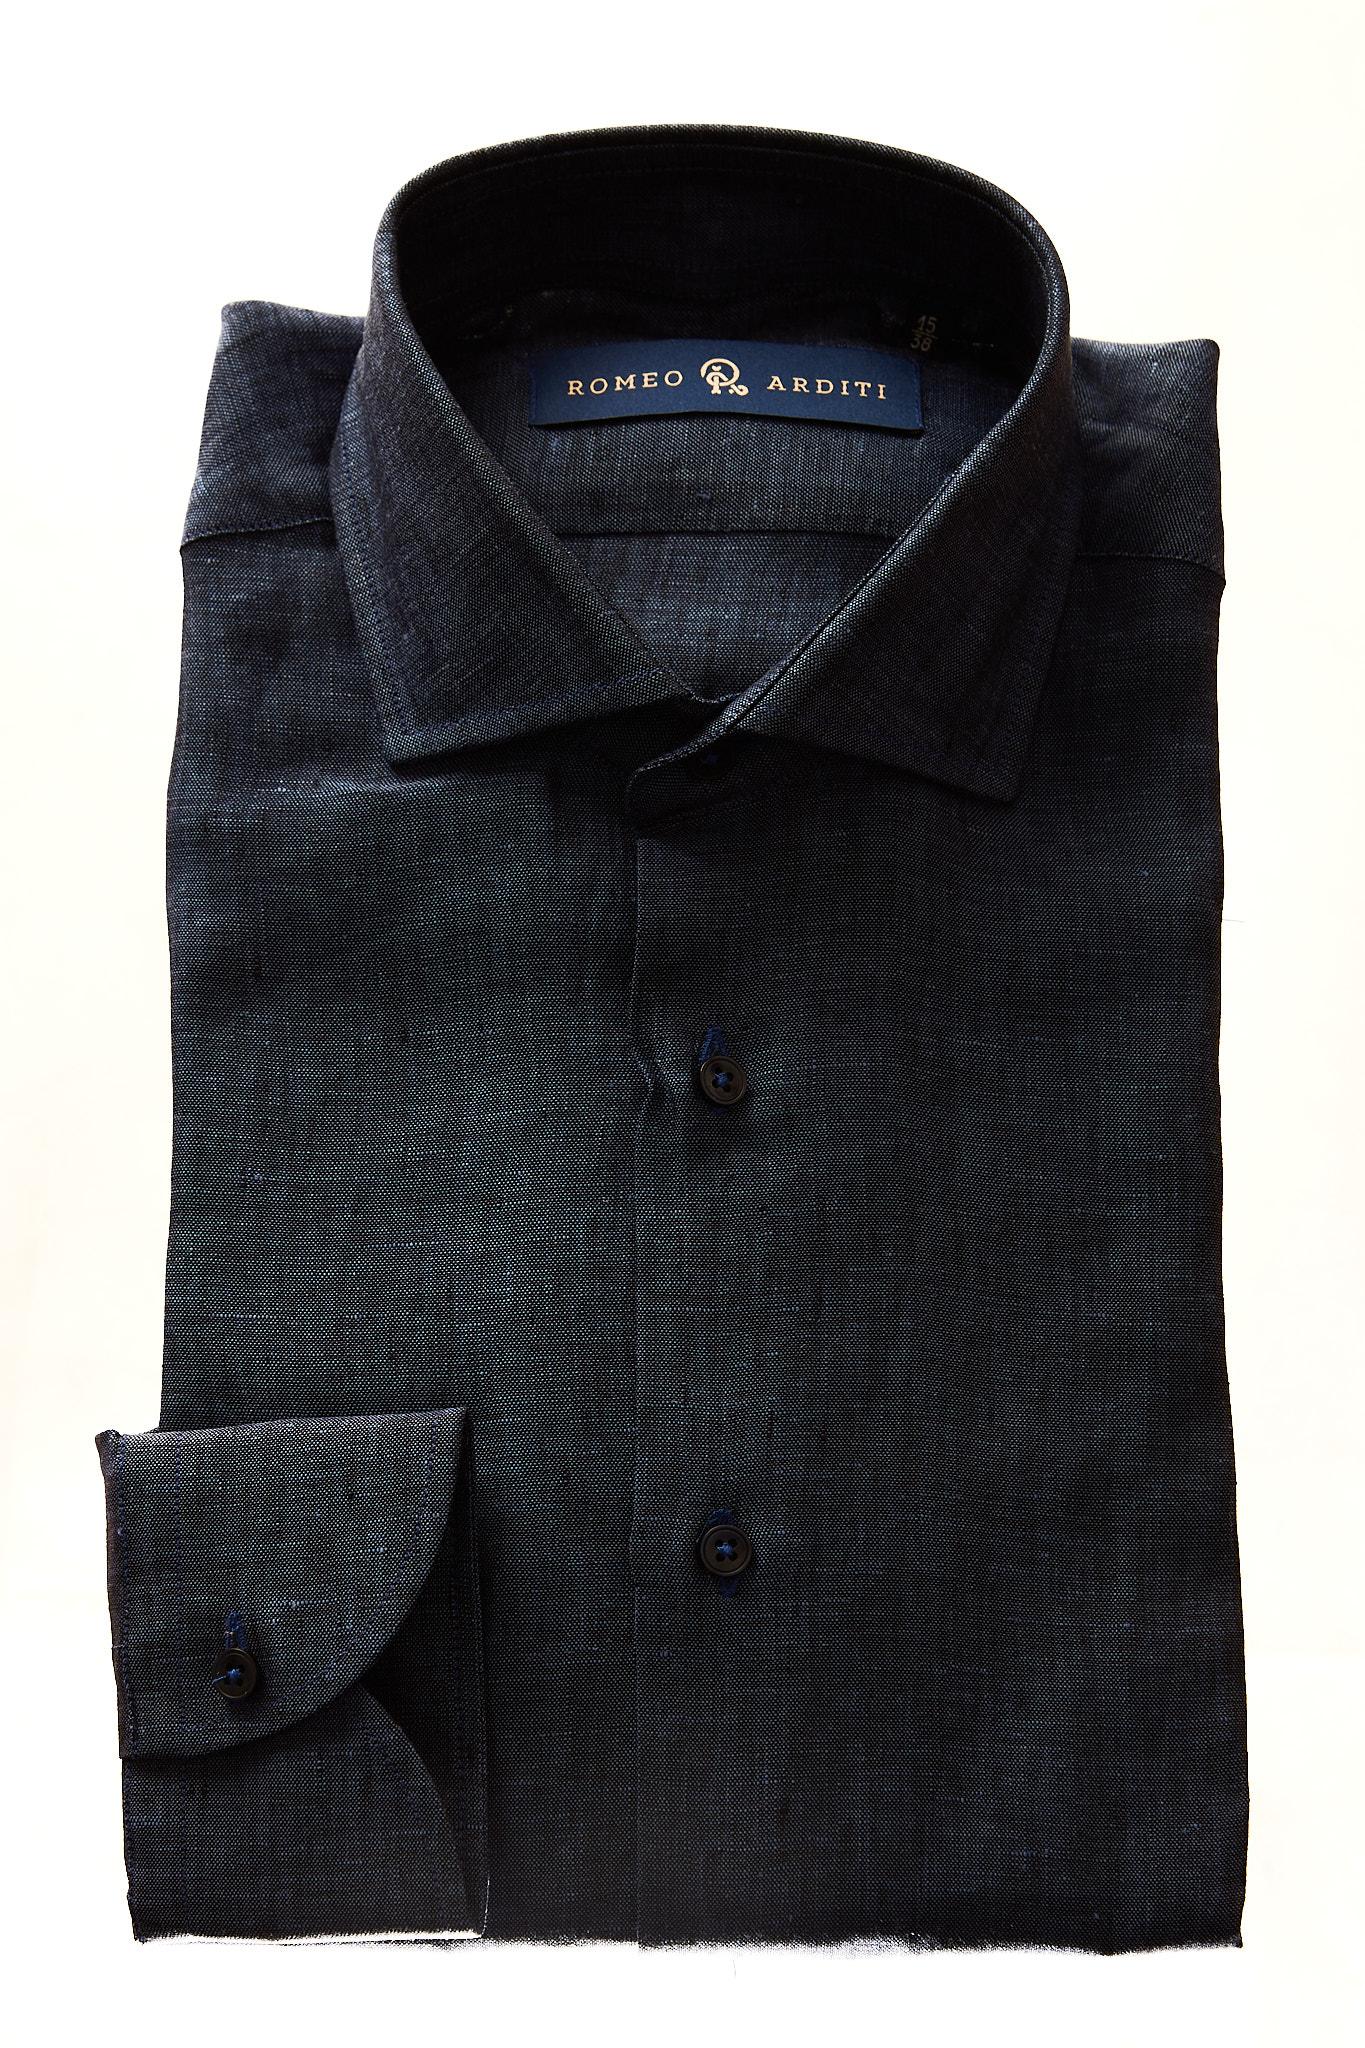 Camicia ROMEO ARDITI | Camicia | TS0554010